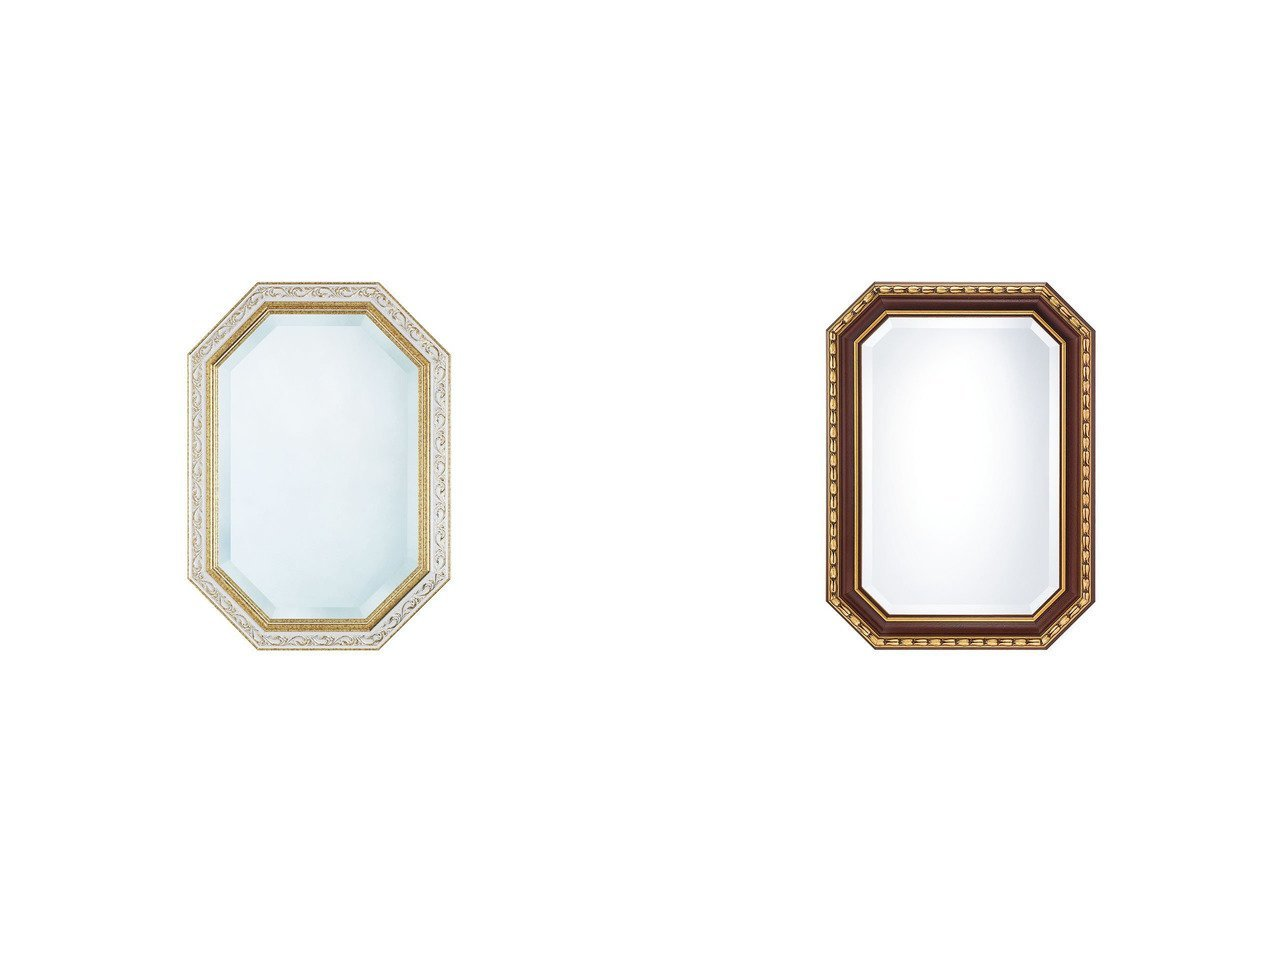 【FLYMEe Blanc/フライミー ブラン】のウォールミラー m77351&ウォールミラー m77344 【ミラー・鏡 お家時間 FURNITURE】おすすめ!人気、インテリア雑貨・家具の通販 おすすめで人気の流行・トレンド、ファッションの通販商品 インテリア・家具・メンズファッション・キッズファッション・レディースファッション・服の通販 founy(ファニー) https://founy.com/ 送料無料 Free Shipping アンティーク フェミニン フレーム ホーム・キャンプ・アウトドア Home,Garden,Outdoor,Camping Gear 家具・インテリア Furniture ミラー・ドレッサー Mirror ミラー・鏡 ホーム・キャンプ・アウトドア Home,Garden,Outdoor,Camping Gear 家具・インテリア Furniture ミラー・ドレッサー Mirror ドレッサー  ID:crp329100000054458